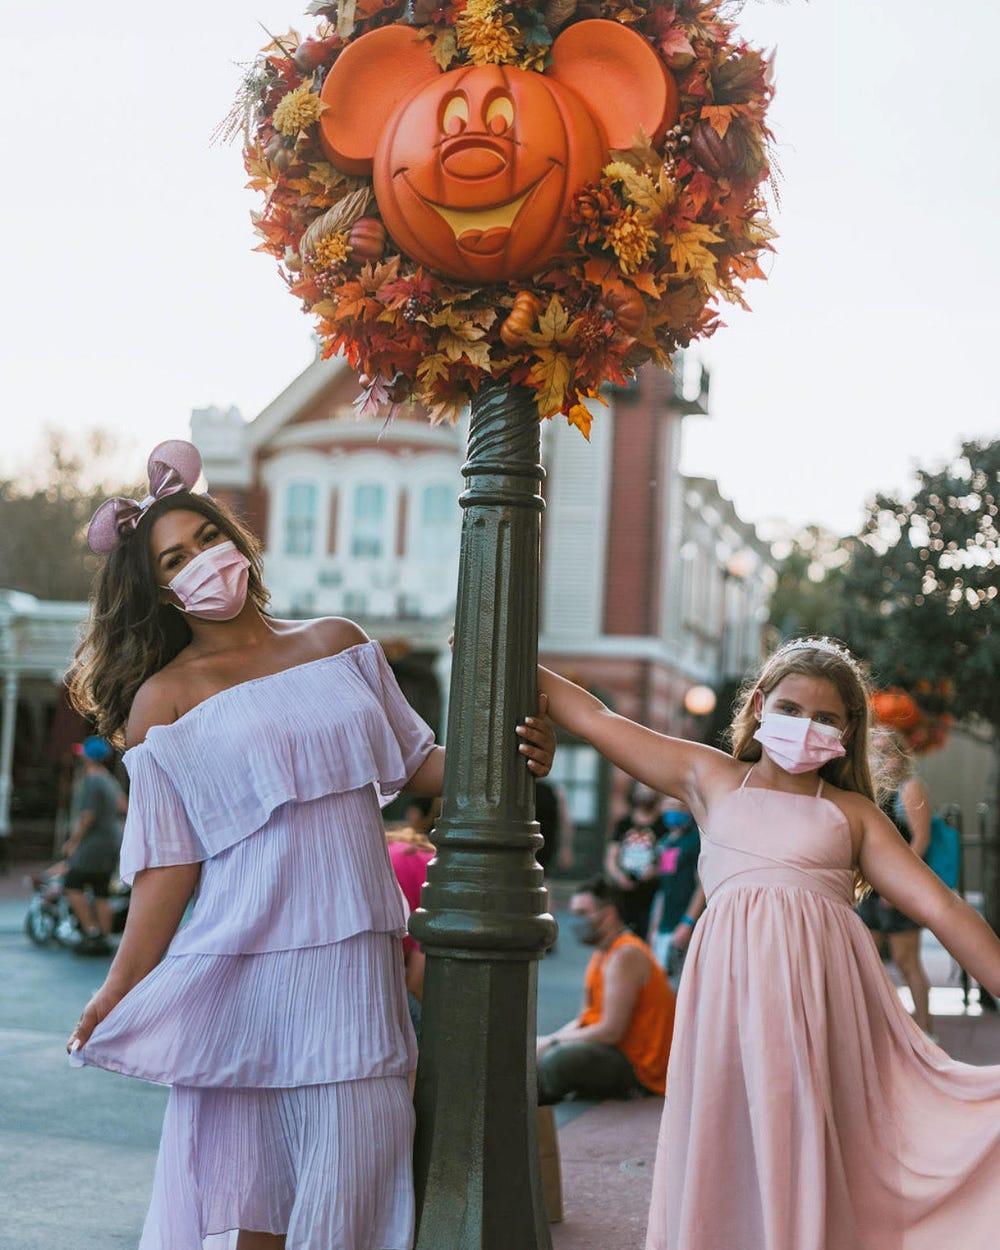 Cyan Nardiello chụp ảnh cùng một bé gái 9 tuổi đi chơi trong công viên của Disney. Đây là khách hàng nhí của cô trong đại dịch, và cô luôn nhắc nhở lũ trẻ về tầm quan trọng của việc đeo khẩu trang. Ảnh: Cyan Nardiello